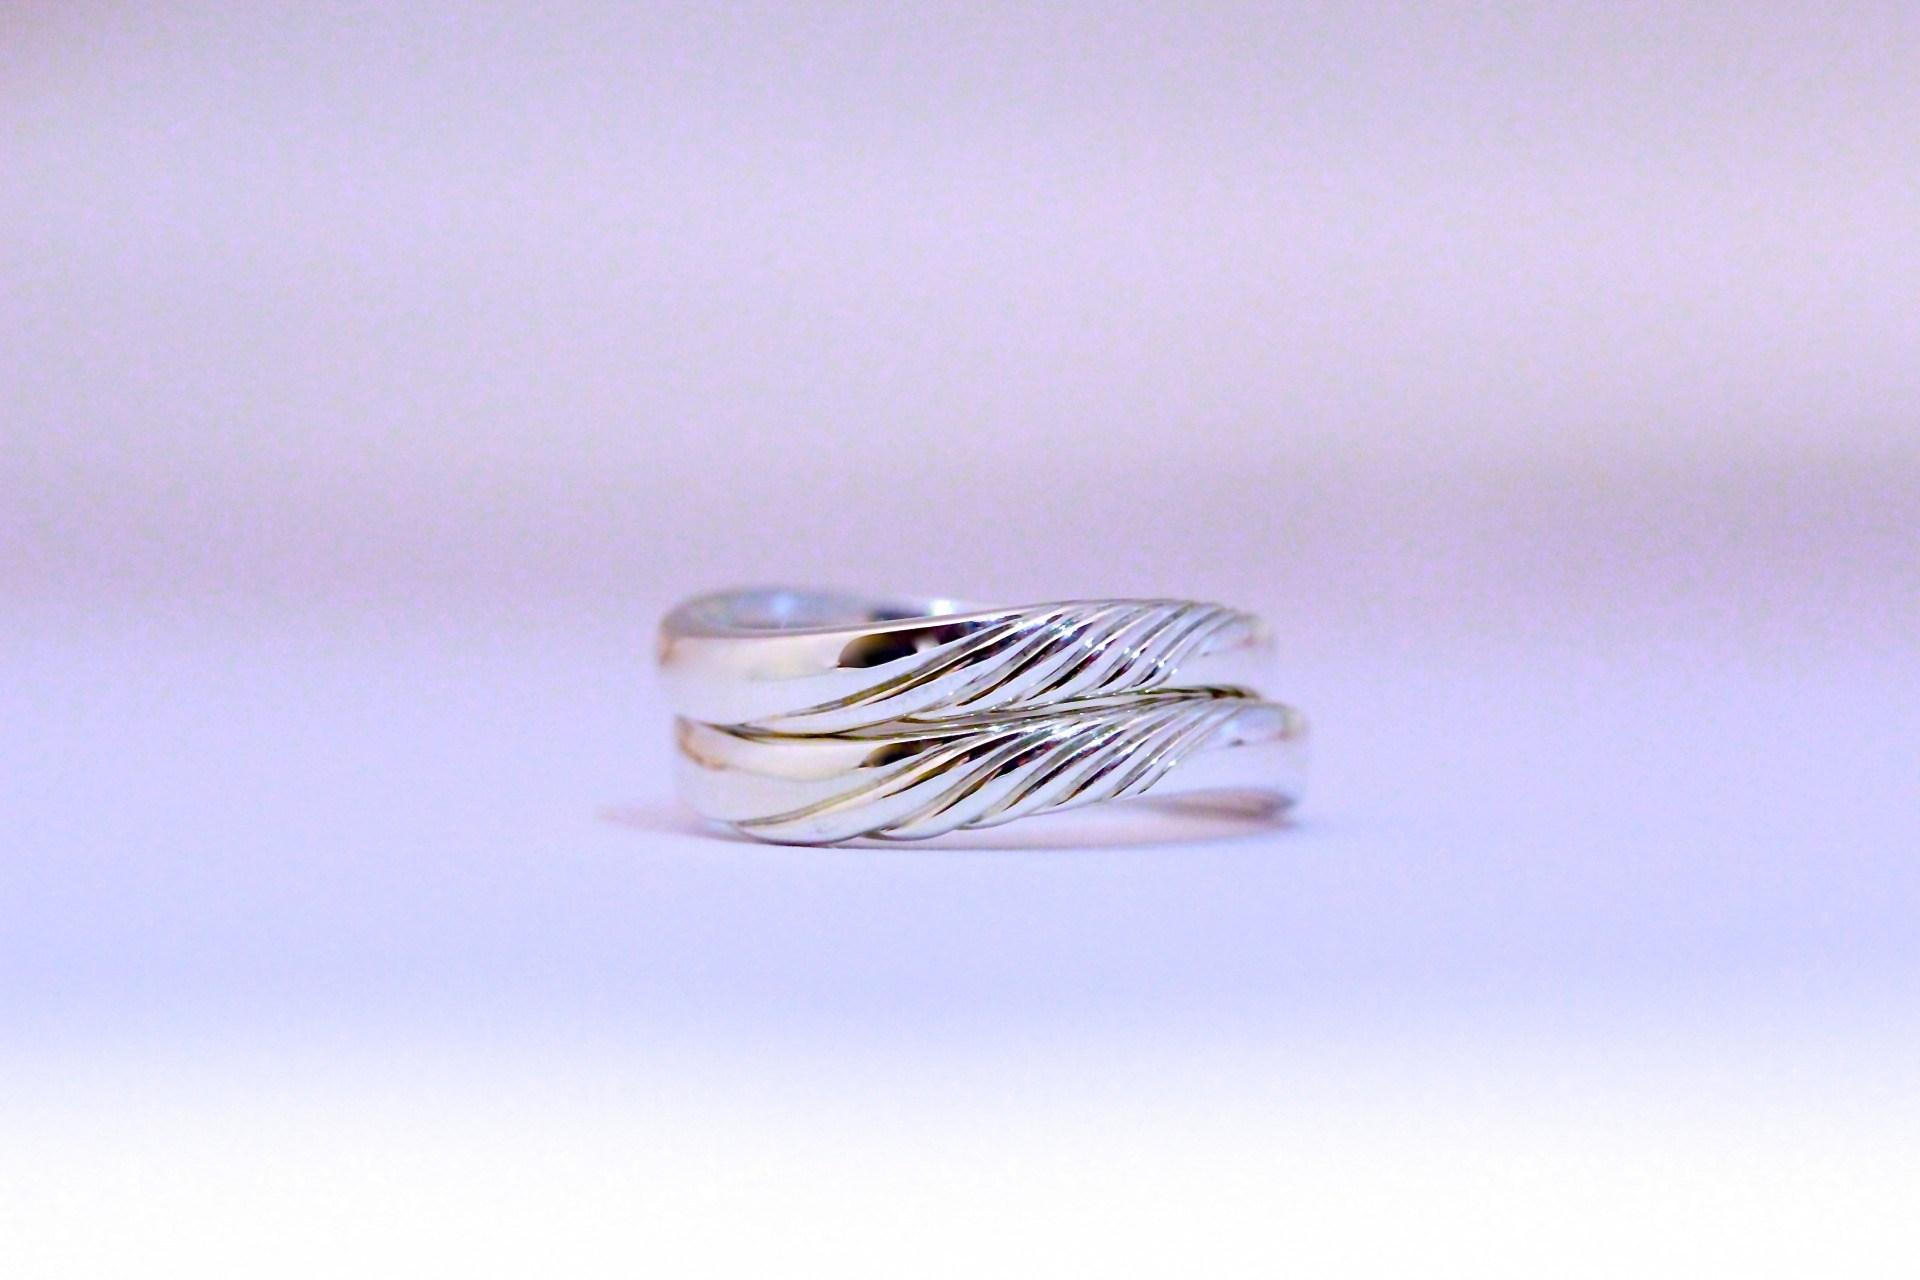 オーダーメイドの結婚指輪(フェアトレードシルバー製)